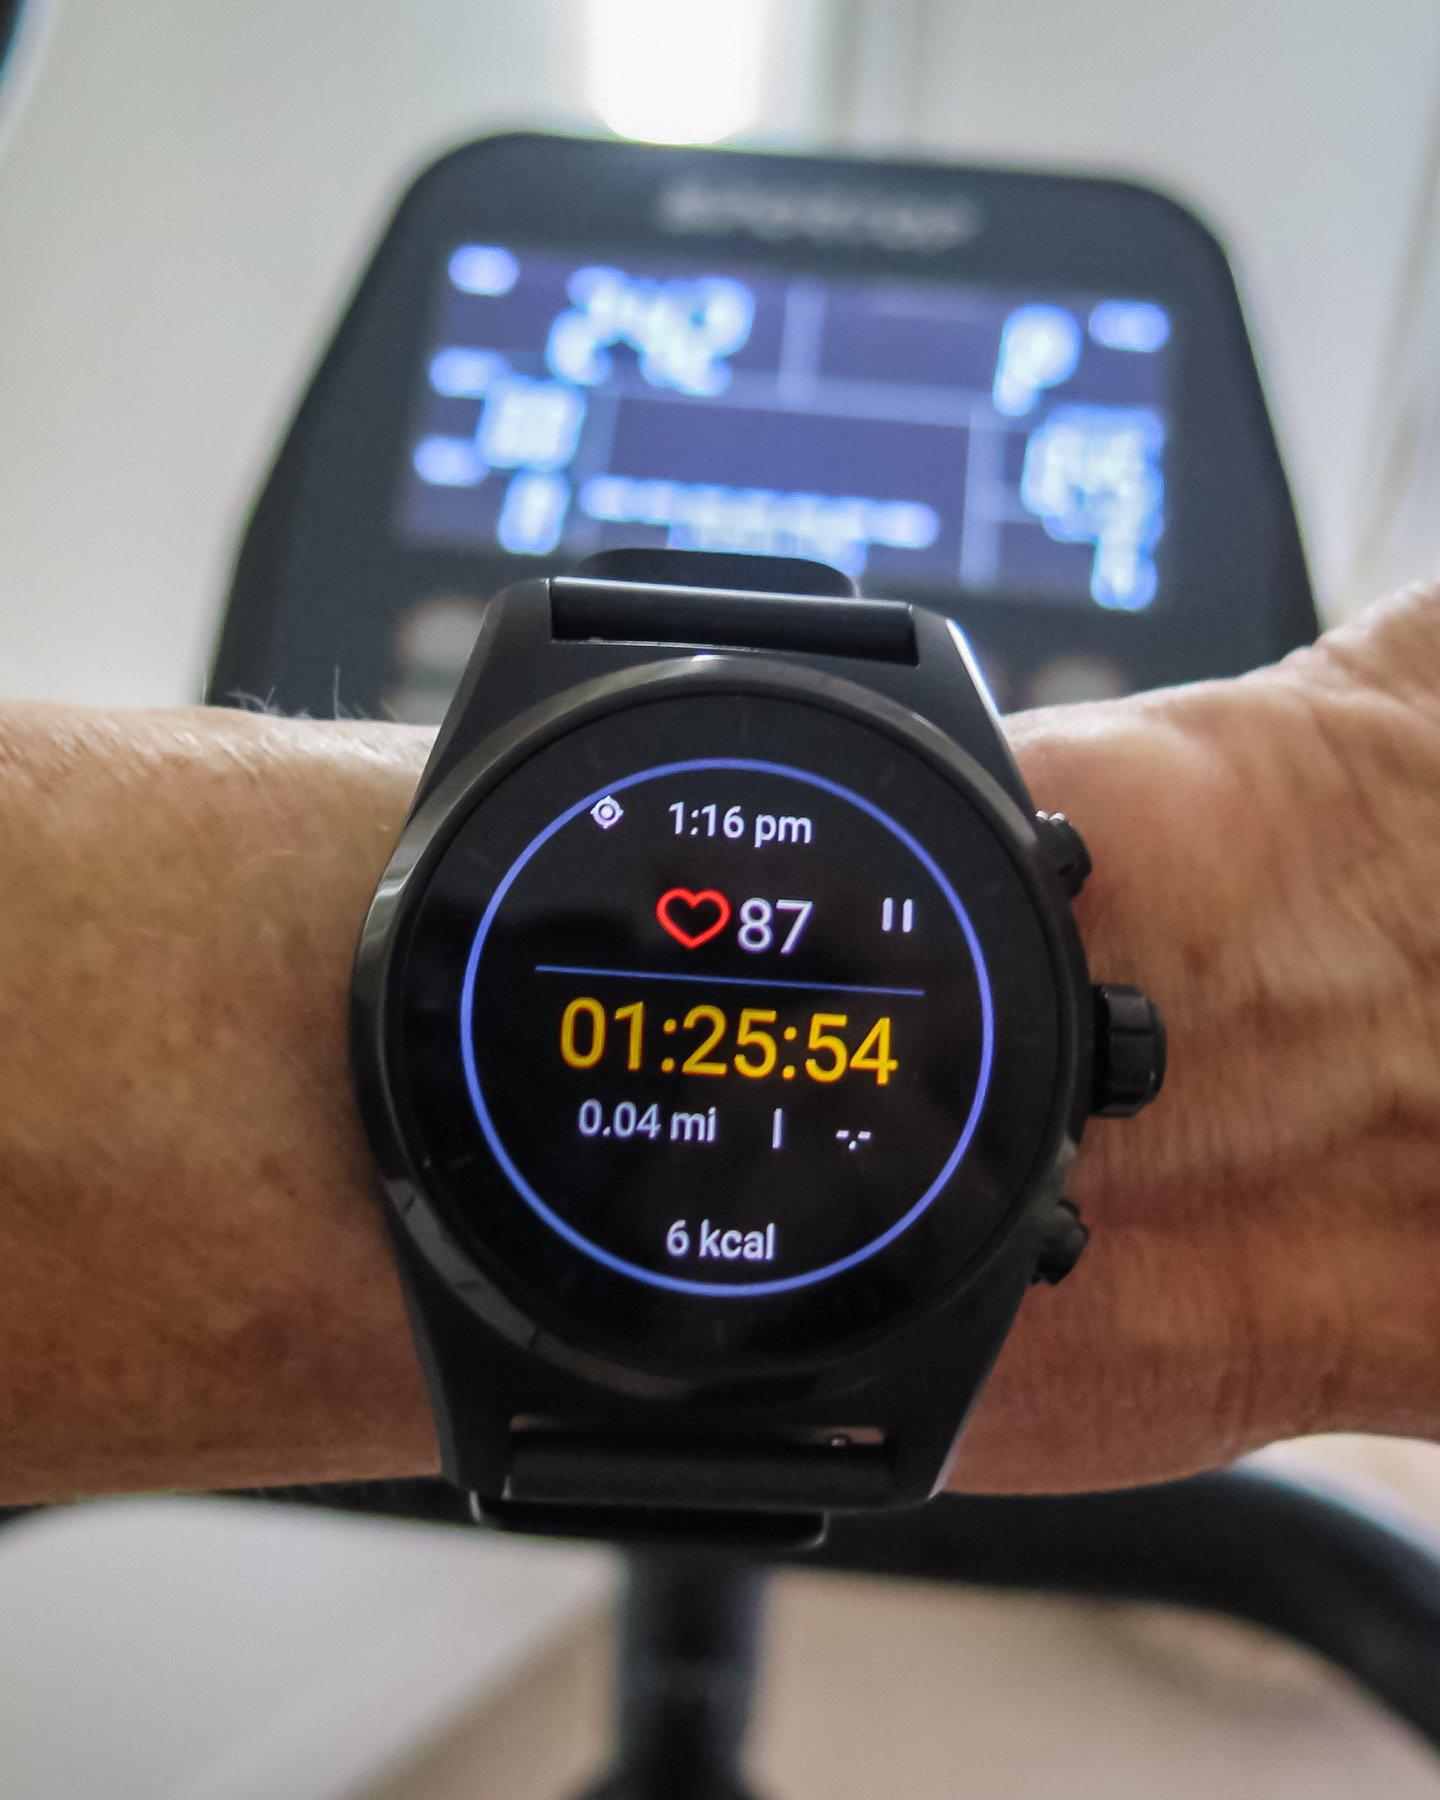 montblanc summit lite умные часы